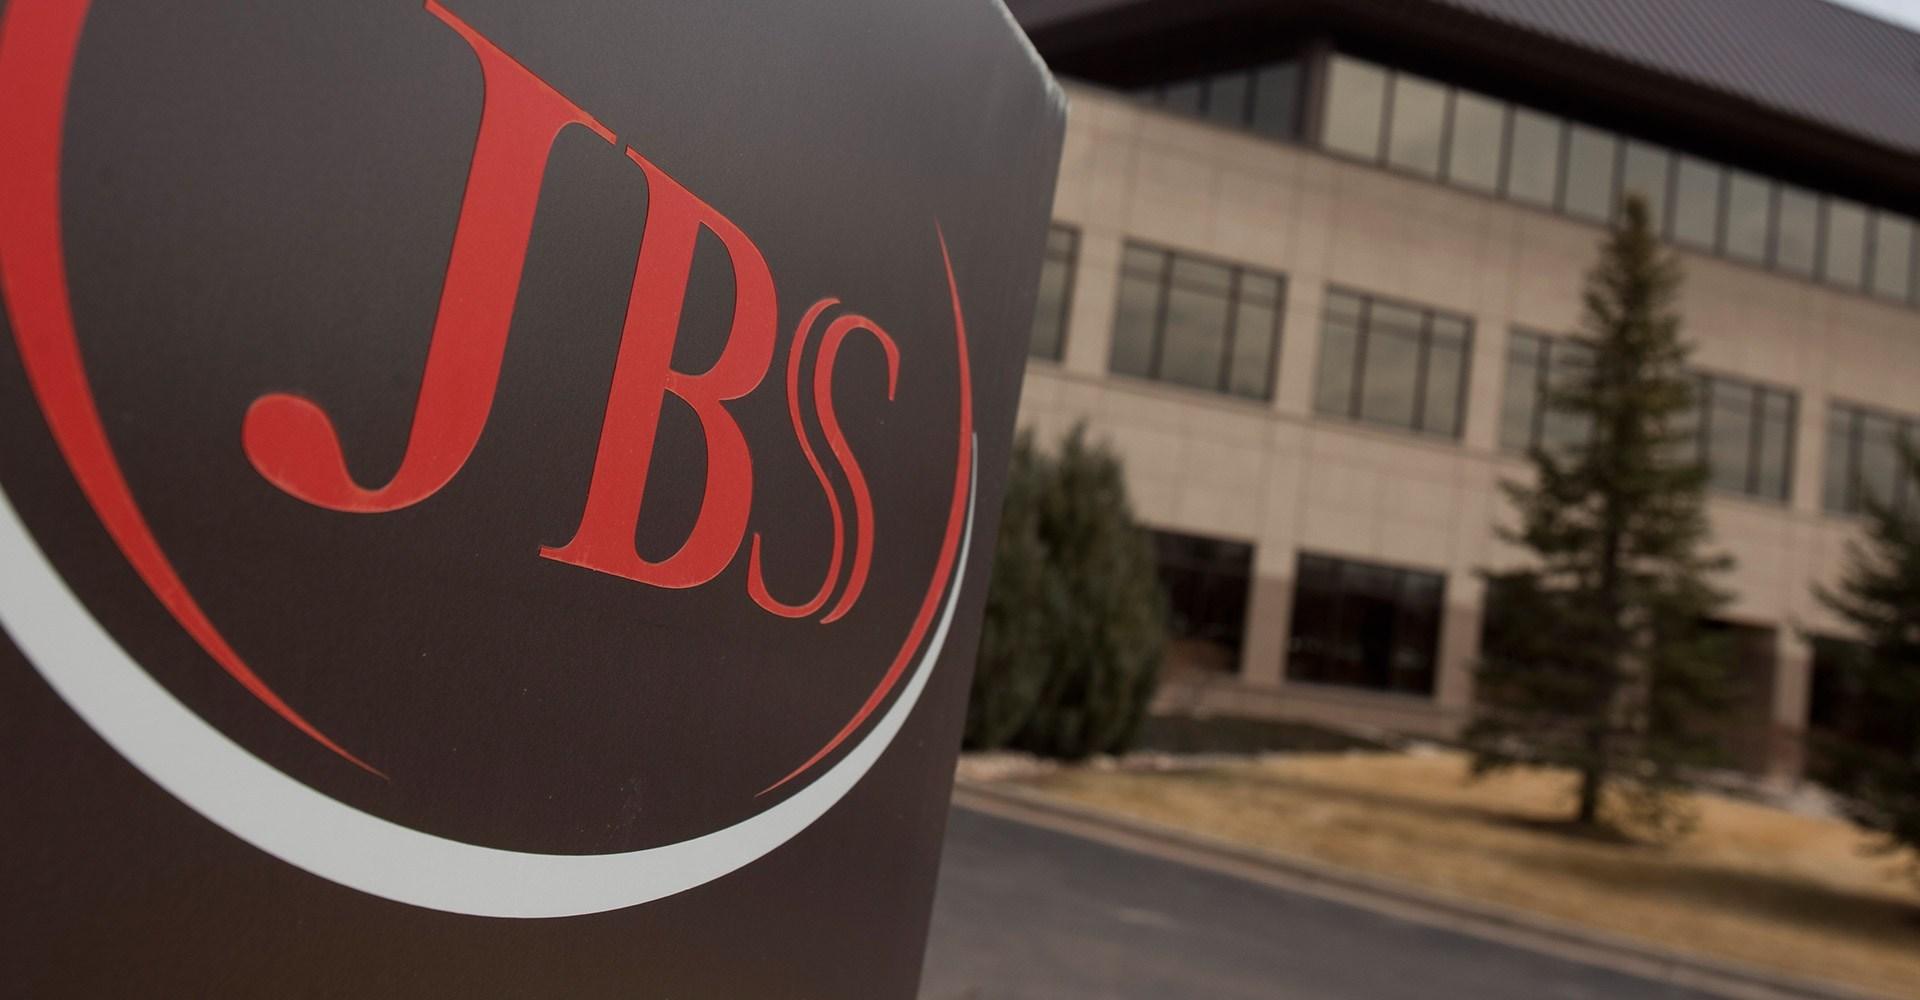 Ações da JBS renovam máximas históricas com investimentos e perspectiva positiva para controlada americana no radar